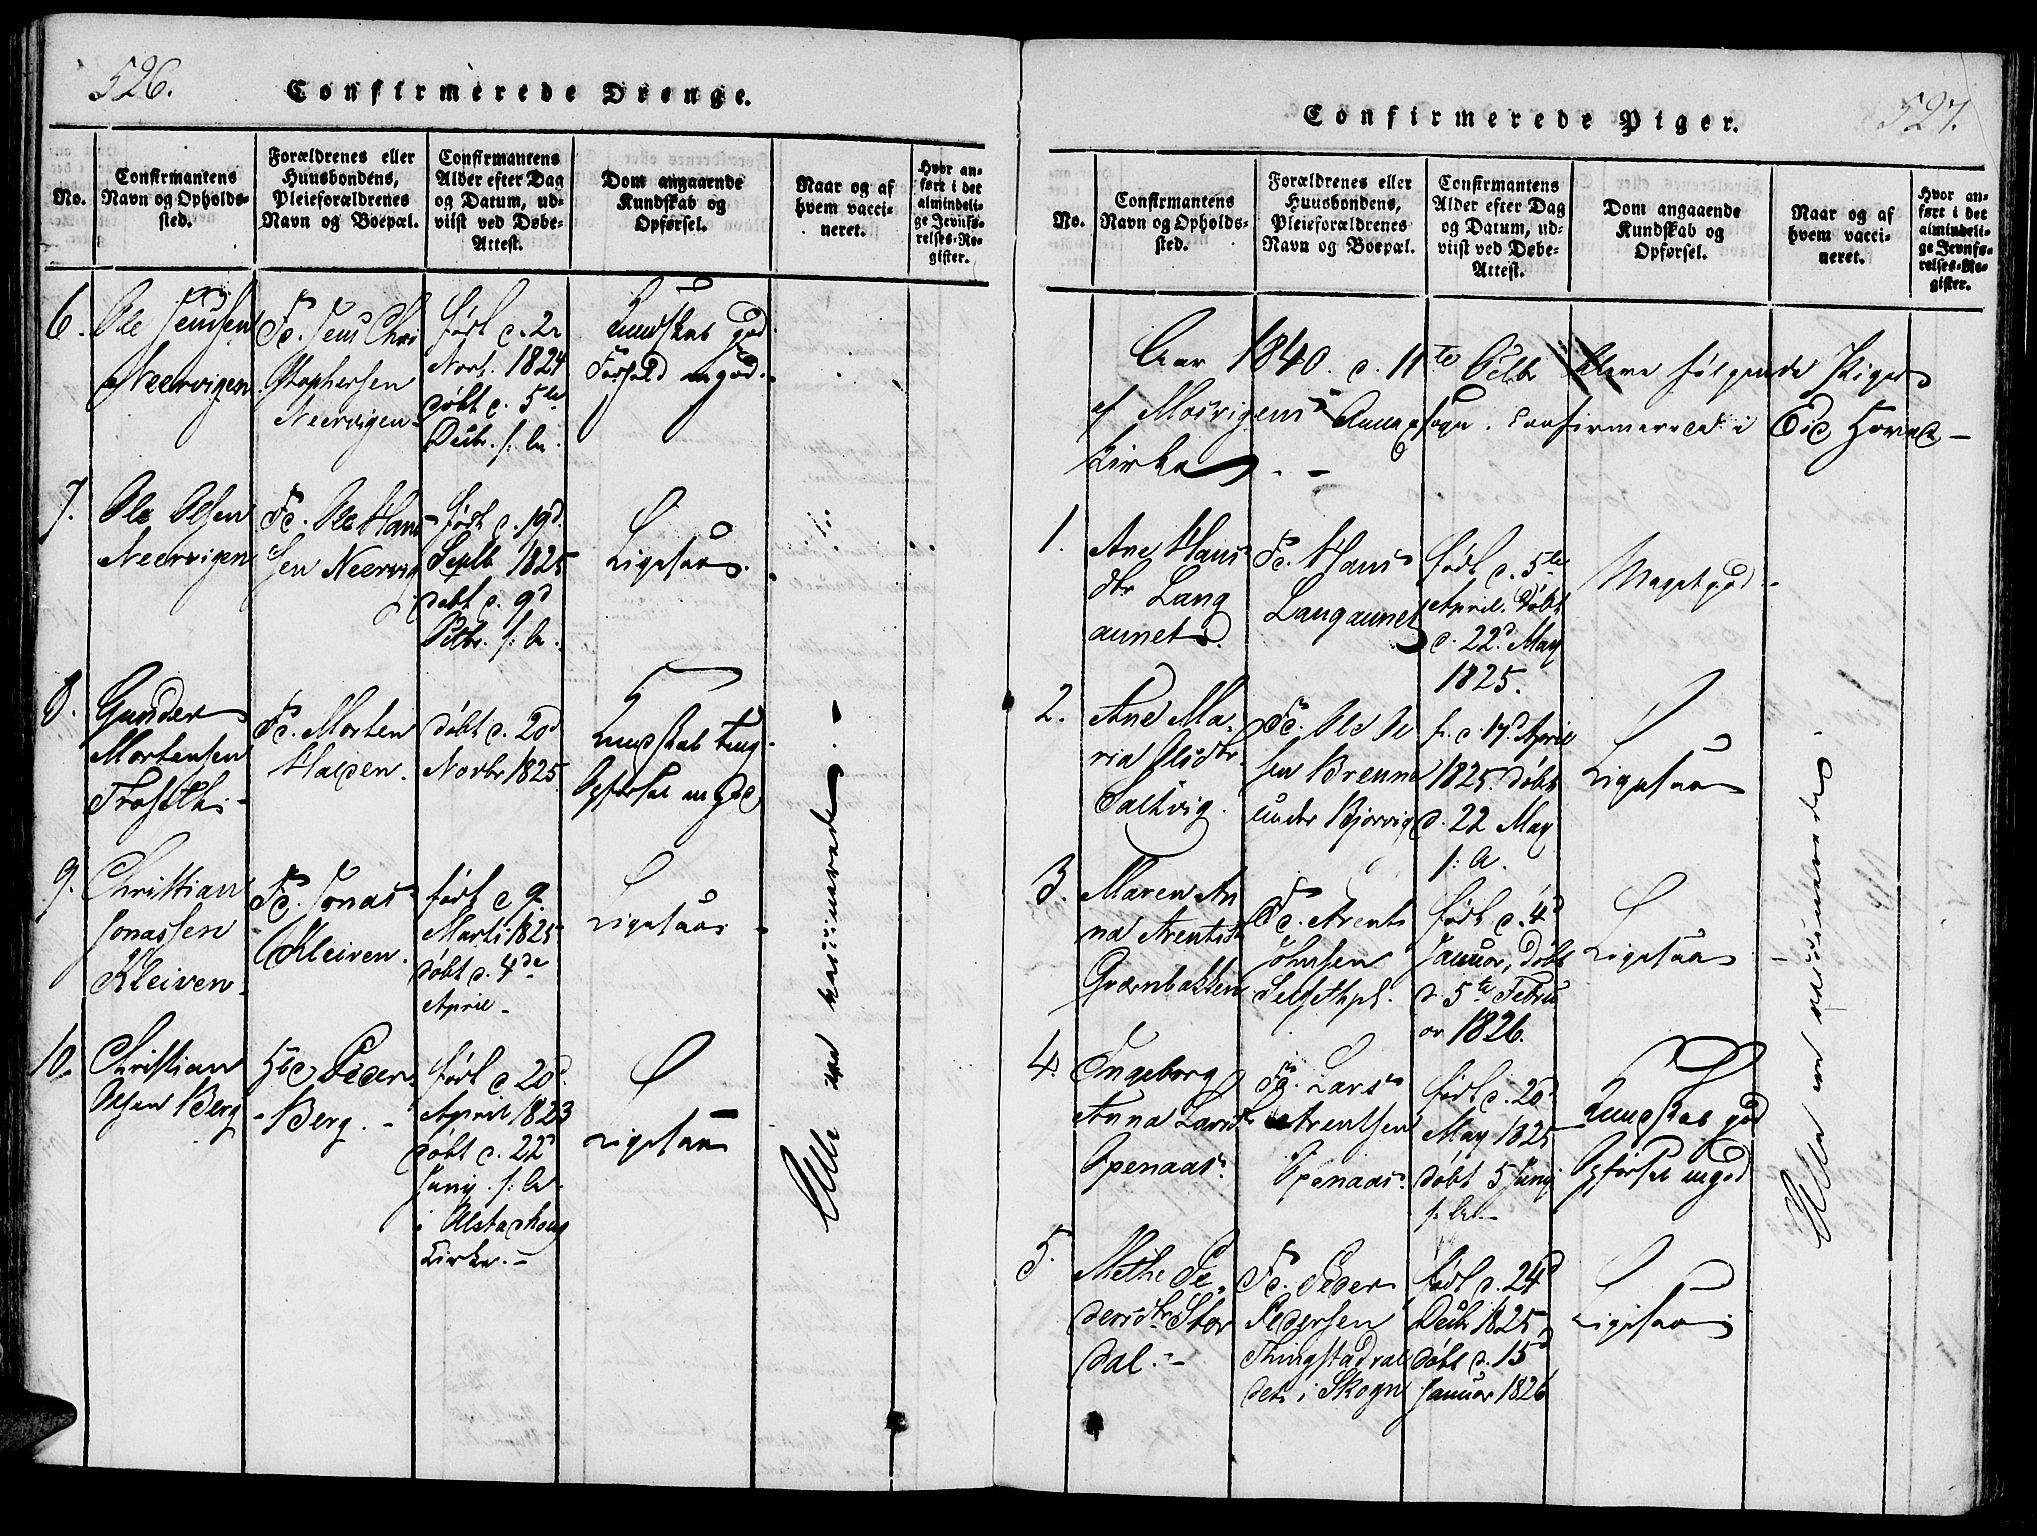 SAT, Ministerialprotokoller, klokkerbøker og fødselsregistre - Nord-Trøndelag, 733/L0322: Ministerialbok nr. 733A01, 1817-1842, s. 526-527